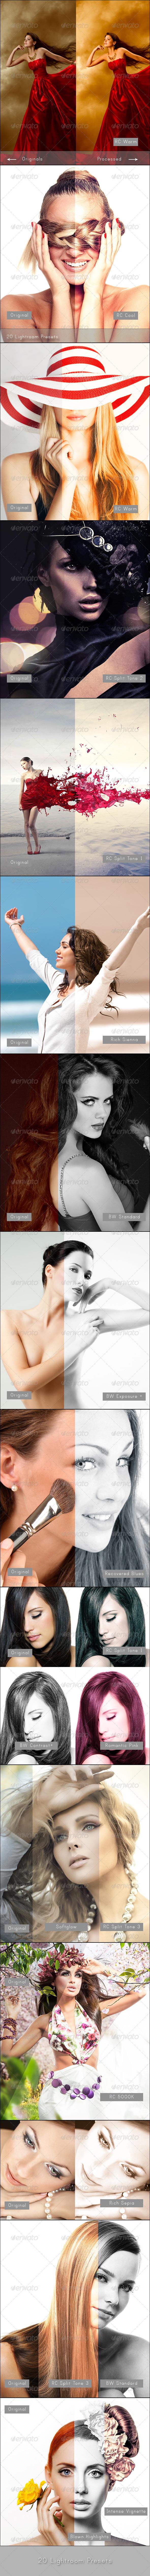 GraphicRiver 20 Lightroom Presets 7424022